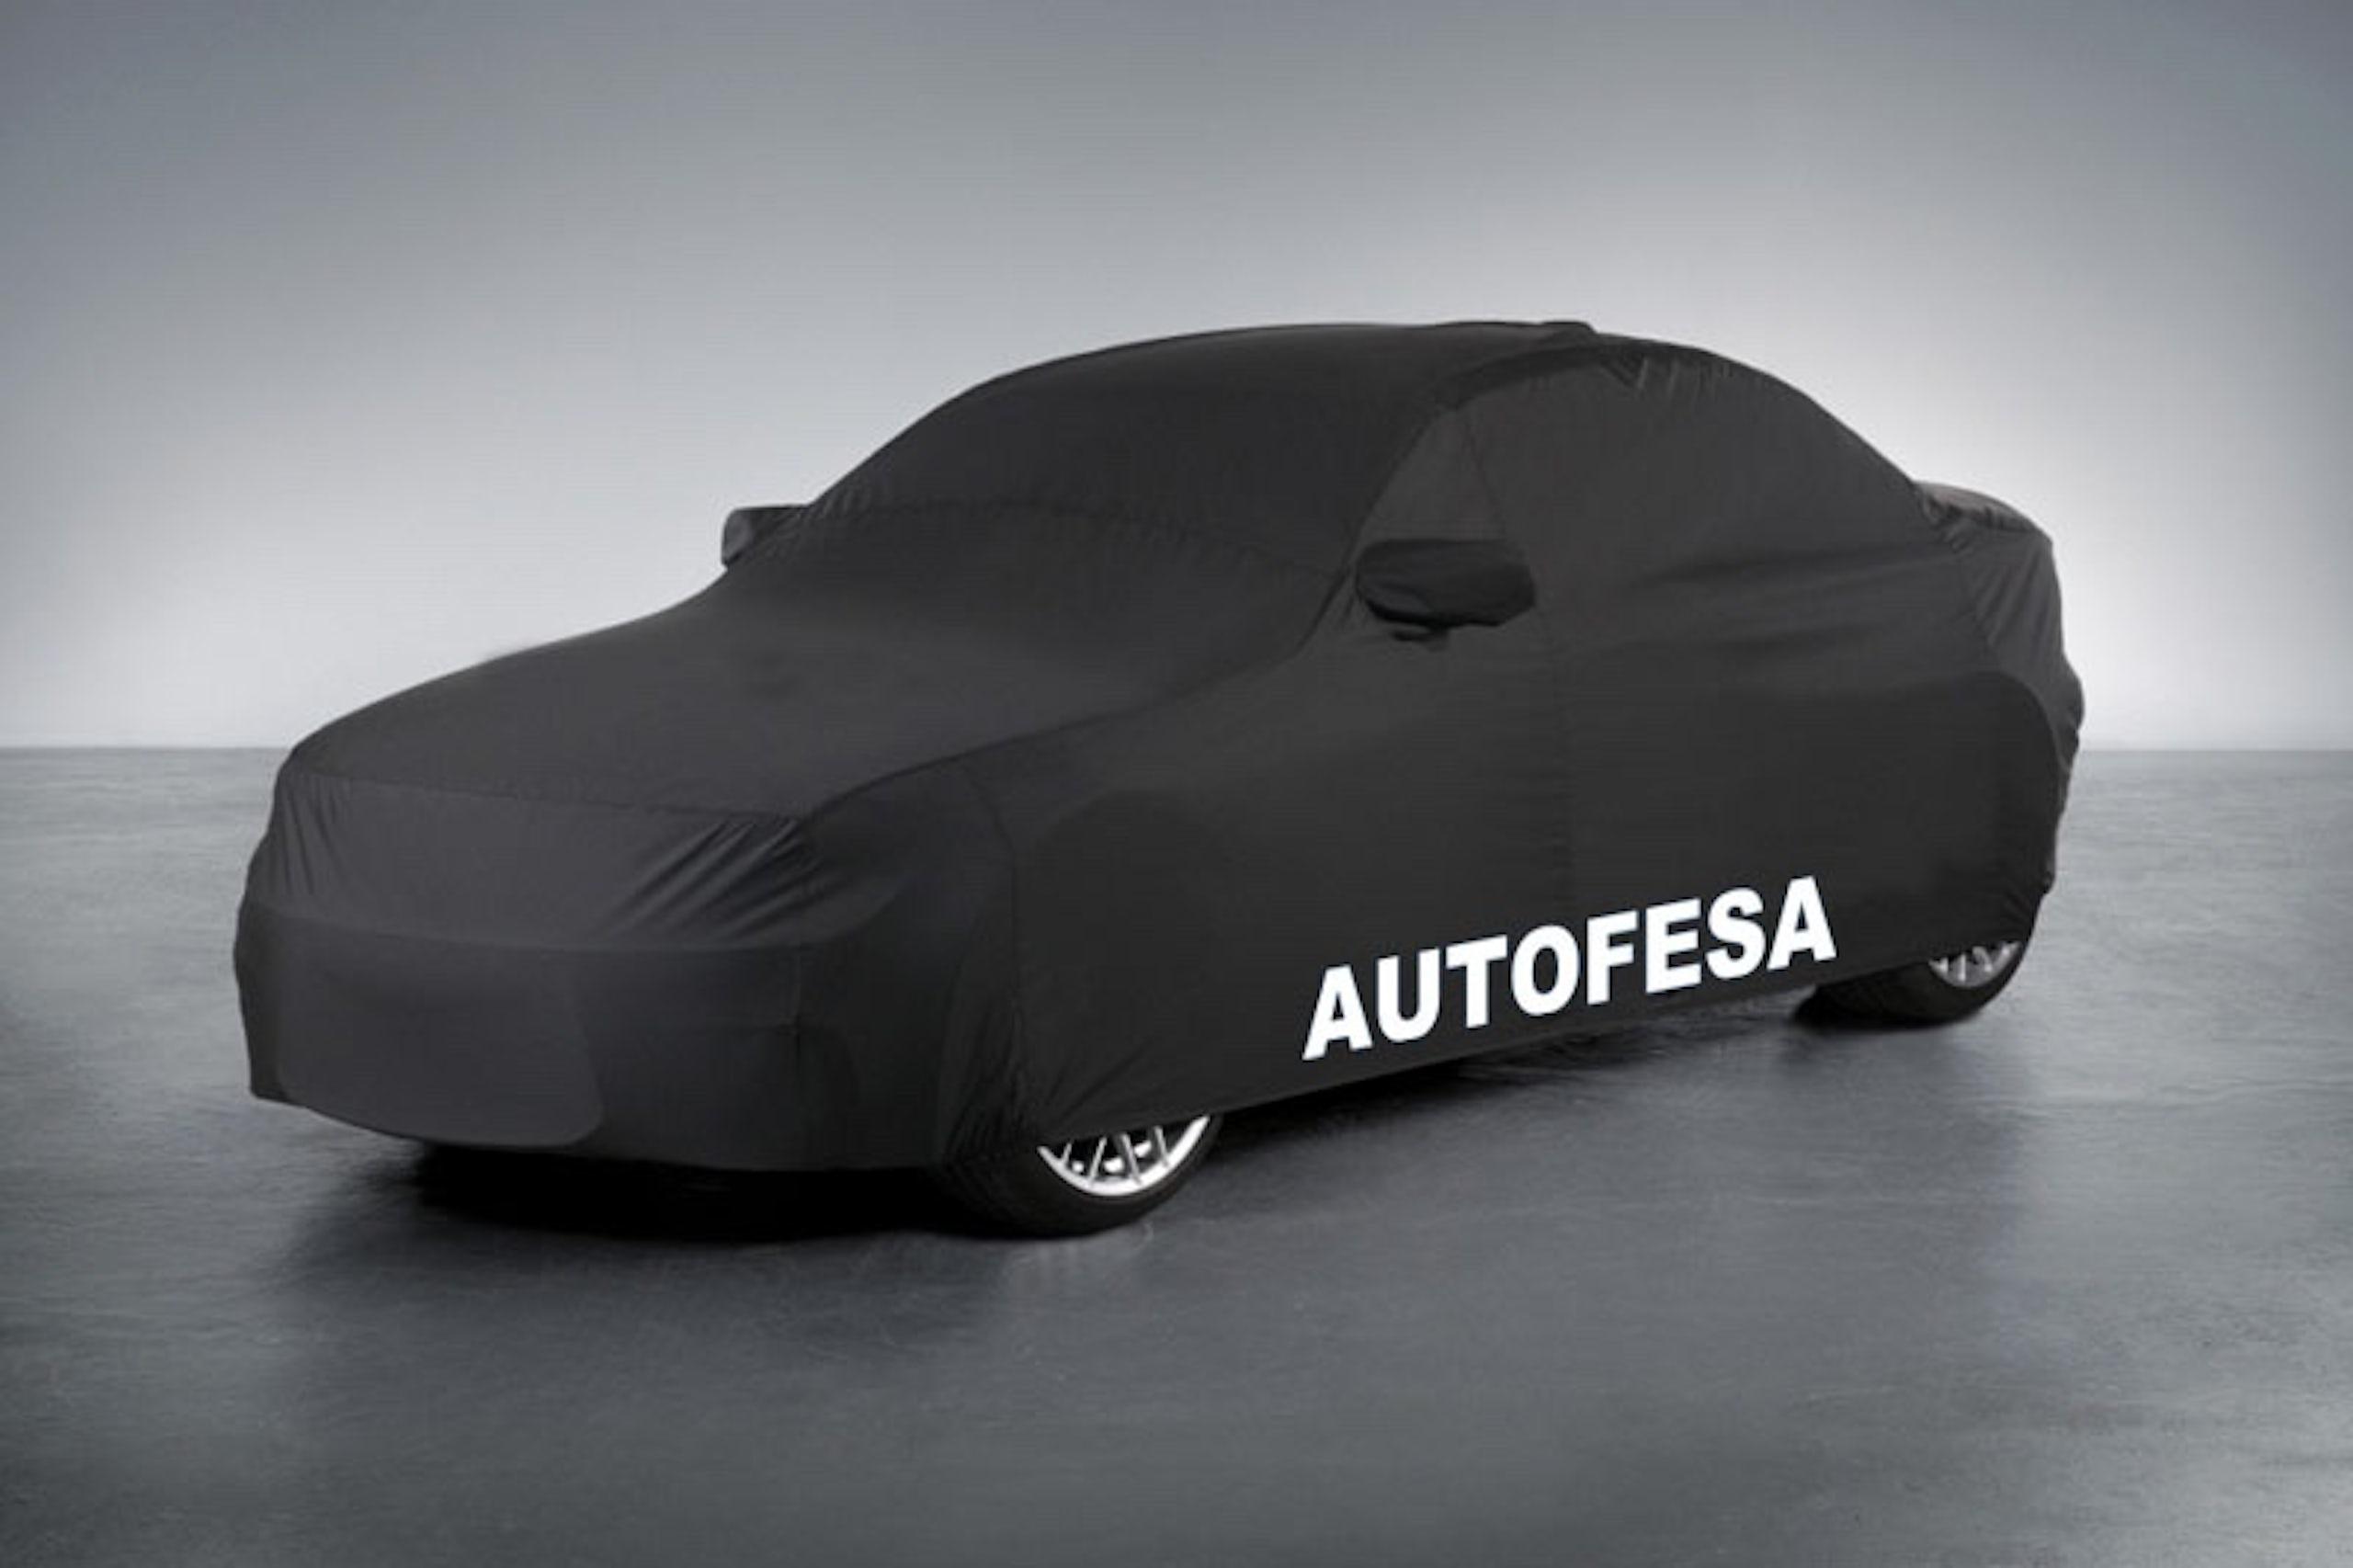 Audi A6 3.0 TDI AVANT 272cv quattro 4p S tronic Auto S/S - Foto 41